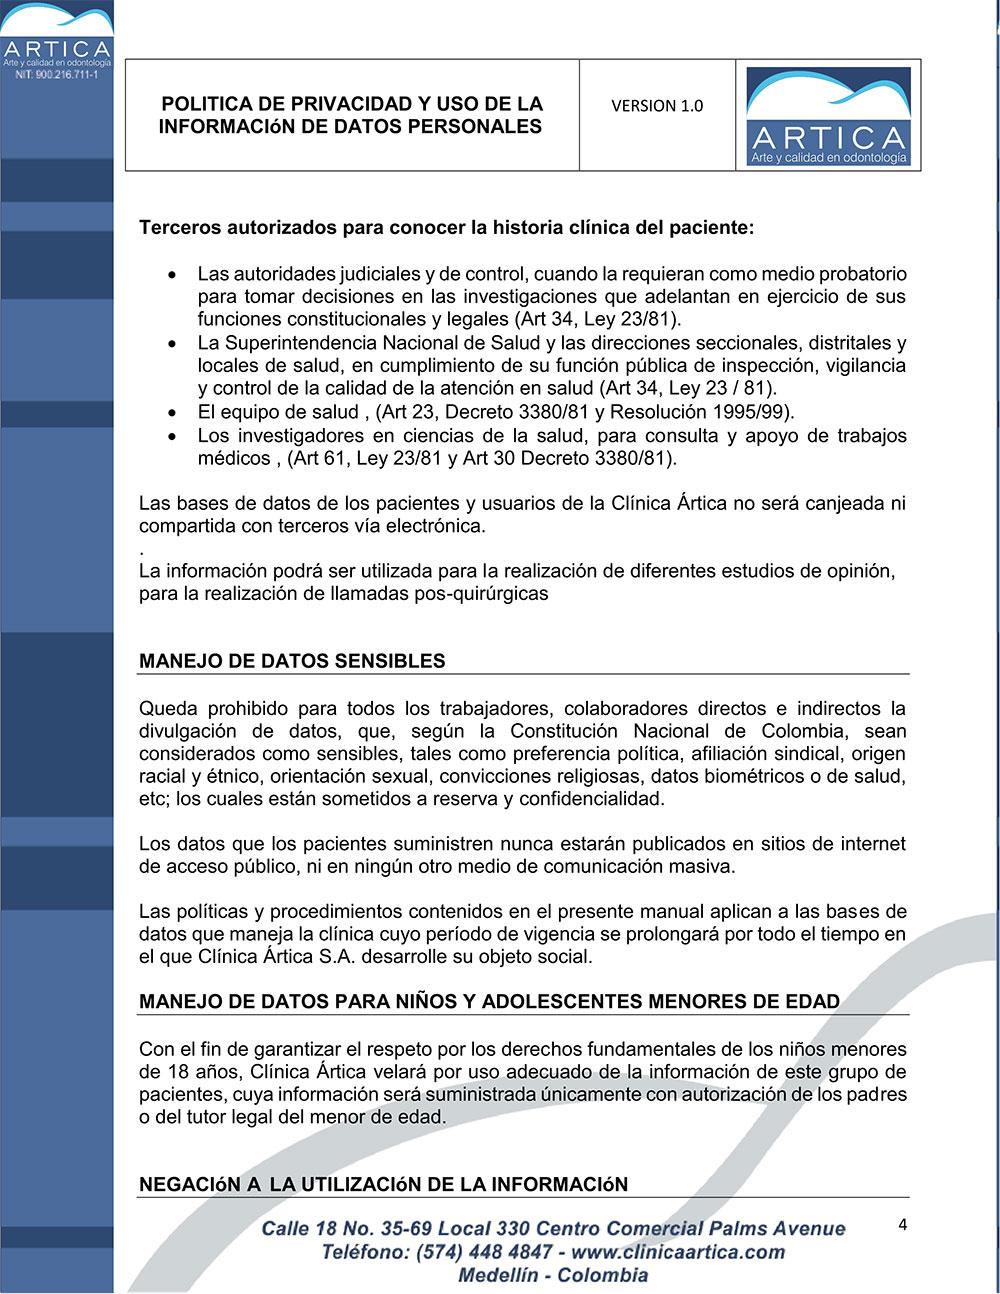 politica-de-privacidad-y-uso-de-datos-personales-clinica-artica-4